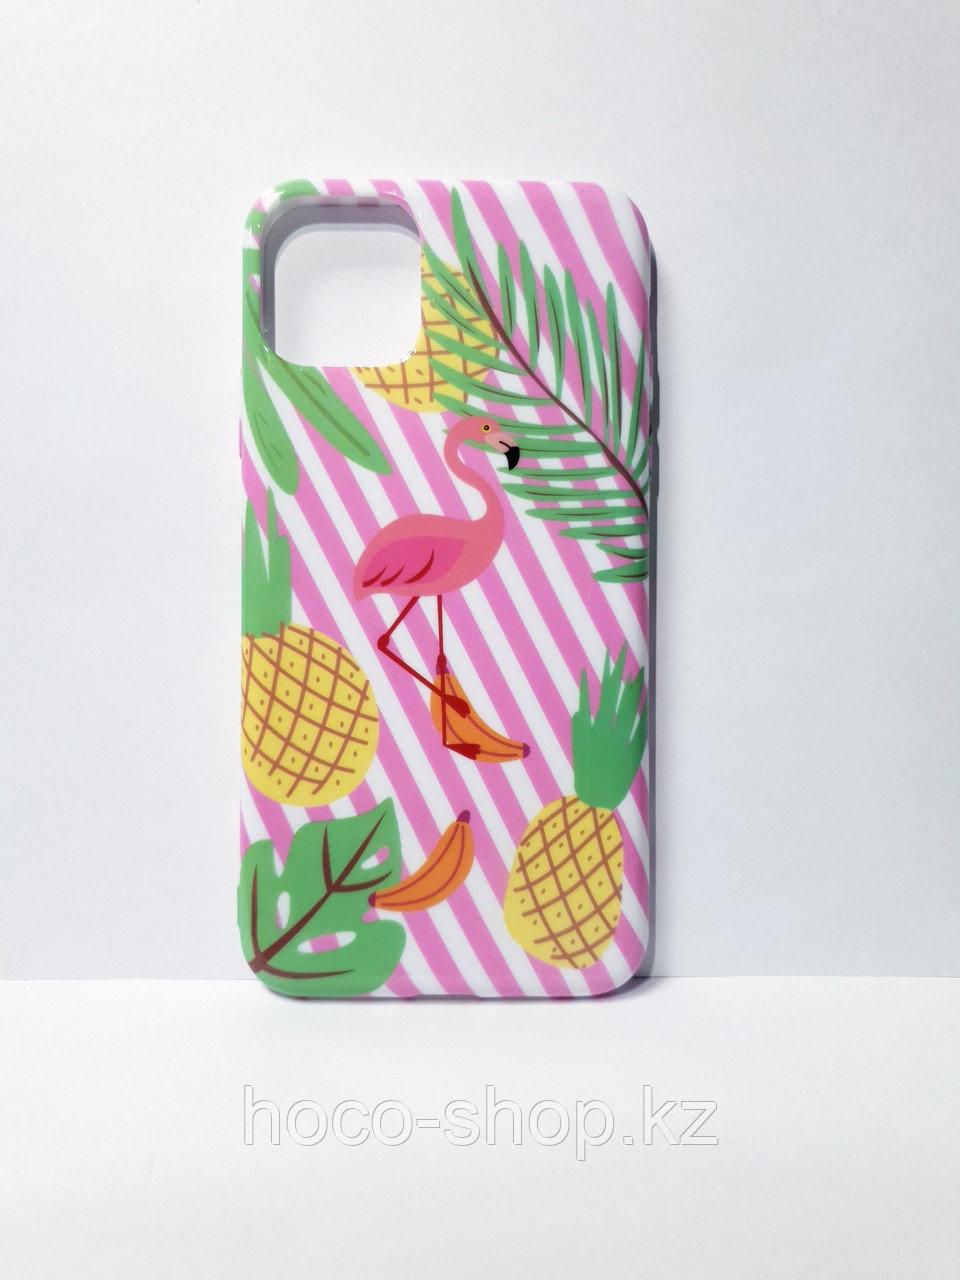 Гелевый защитный чехол для iPhone 11 фламинго